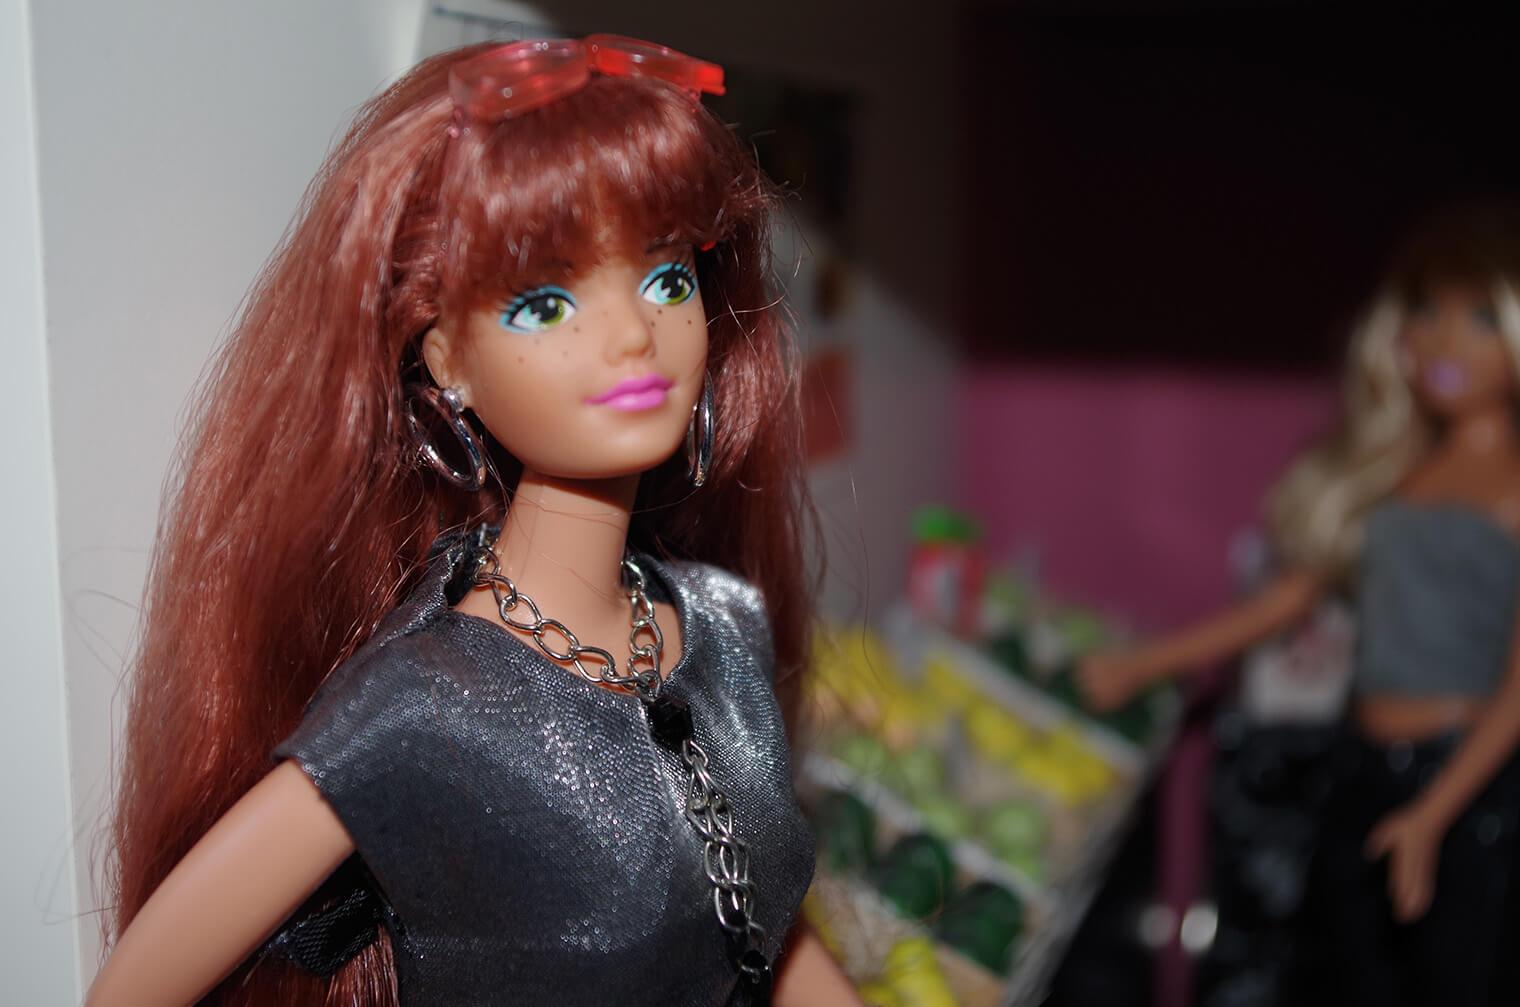 女の子の大事なアイテム!バービー人形はトランクルームで保管しておこう!